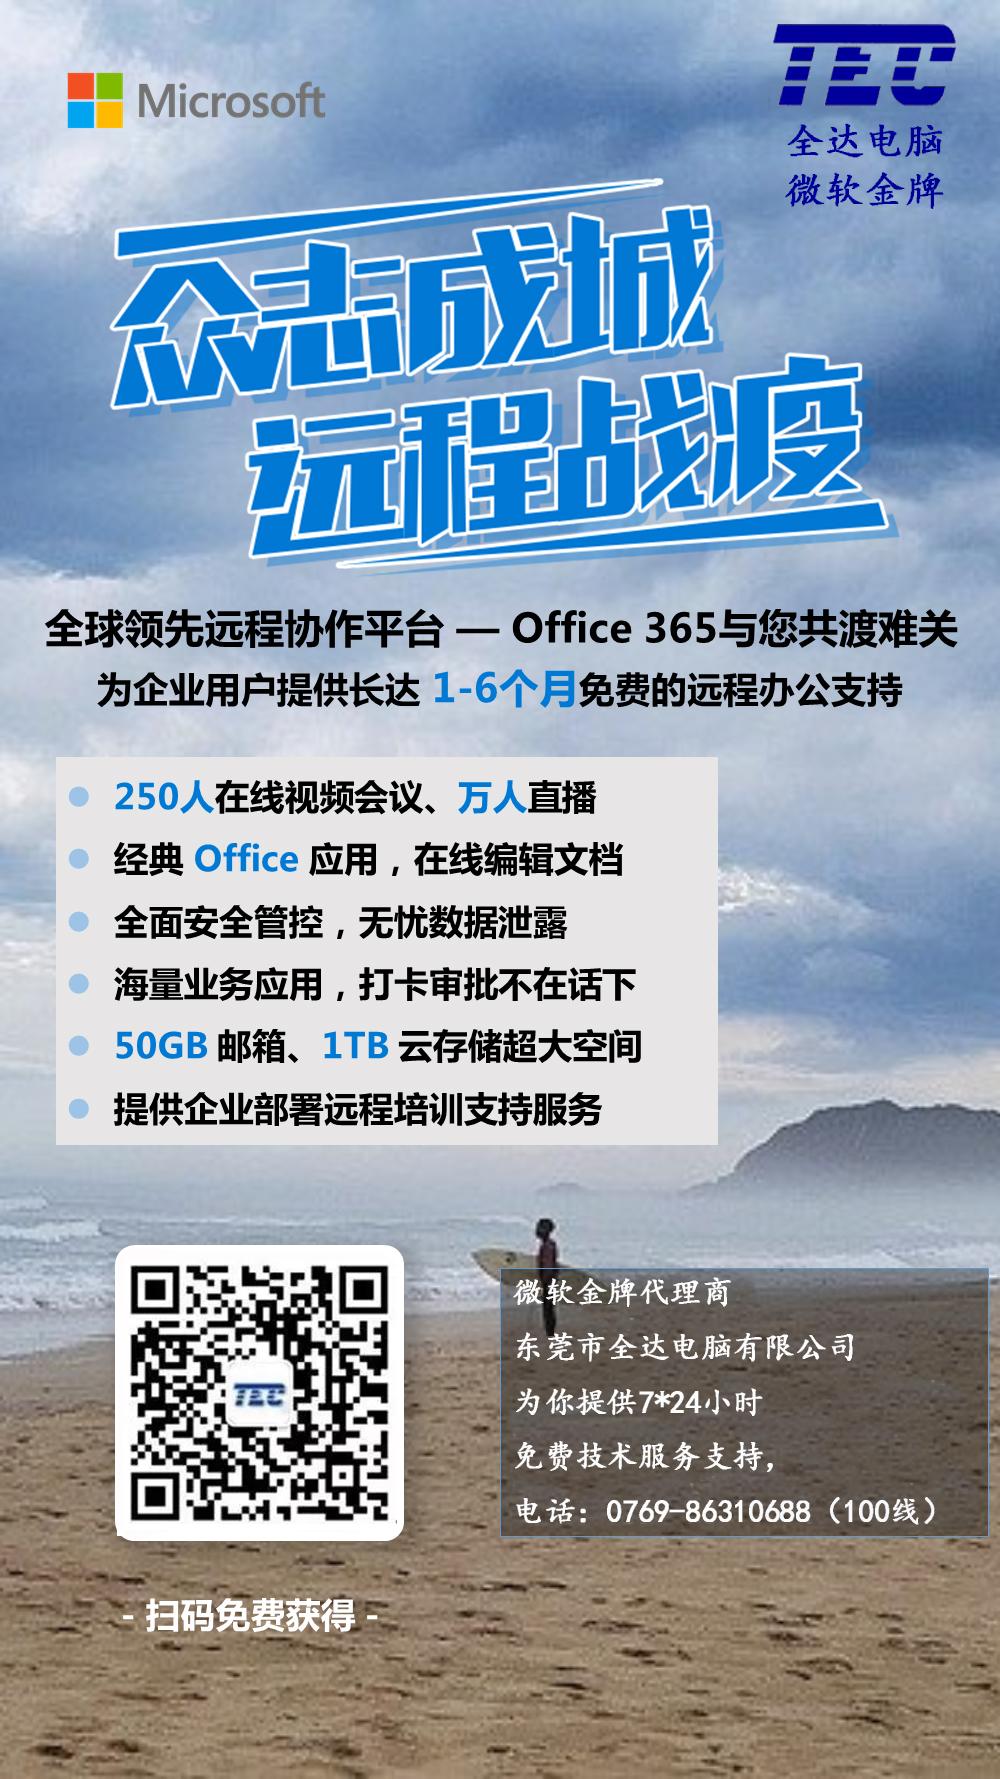 远程战疫- O365为企业用户免费提供长达1-6个月的远程办公支撑-副本